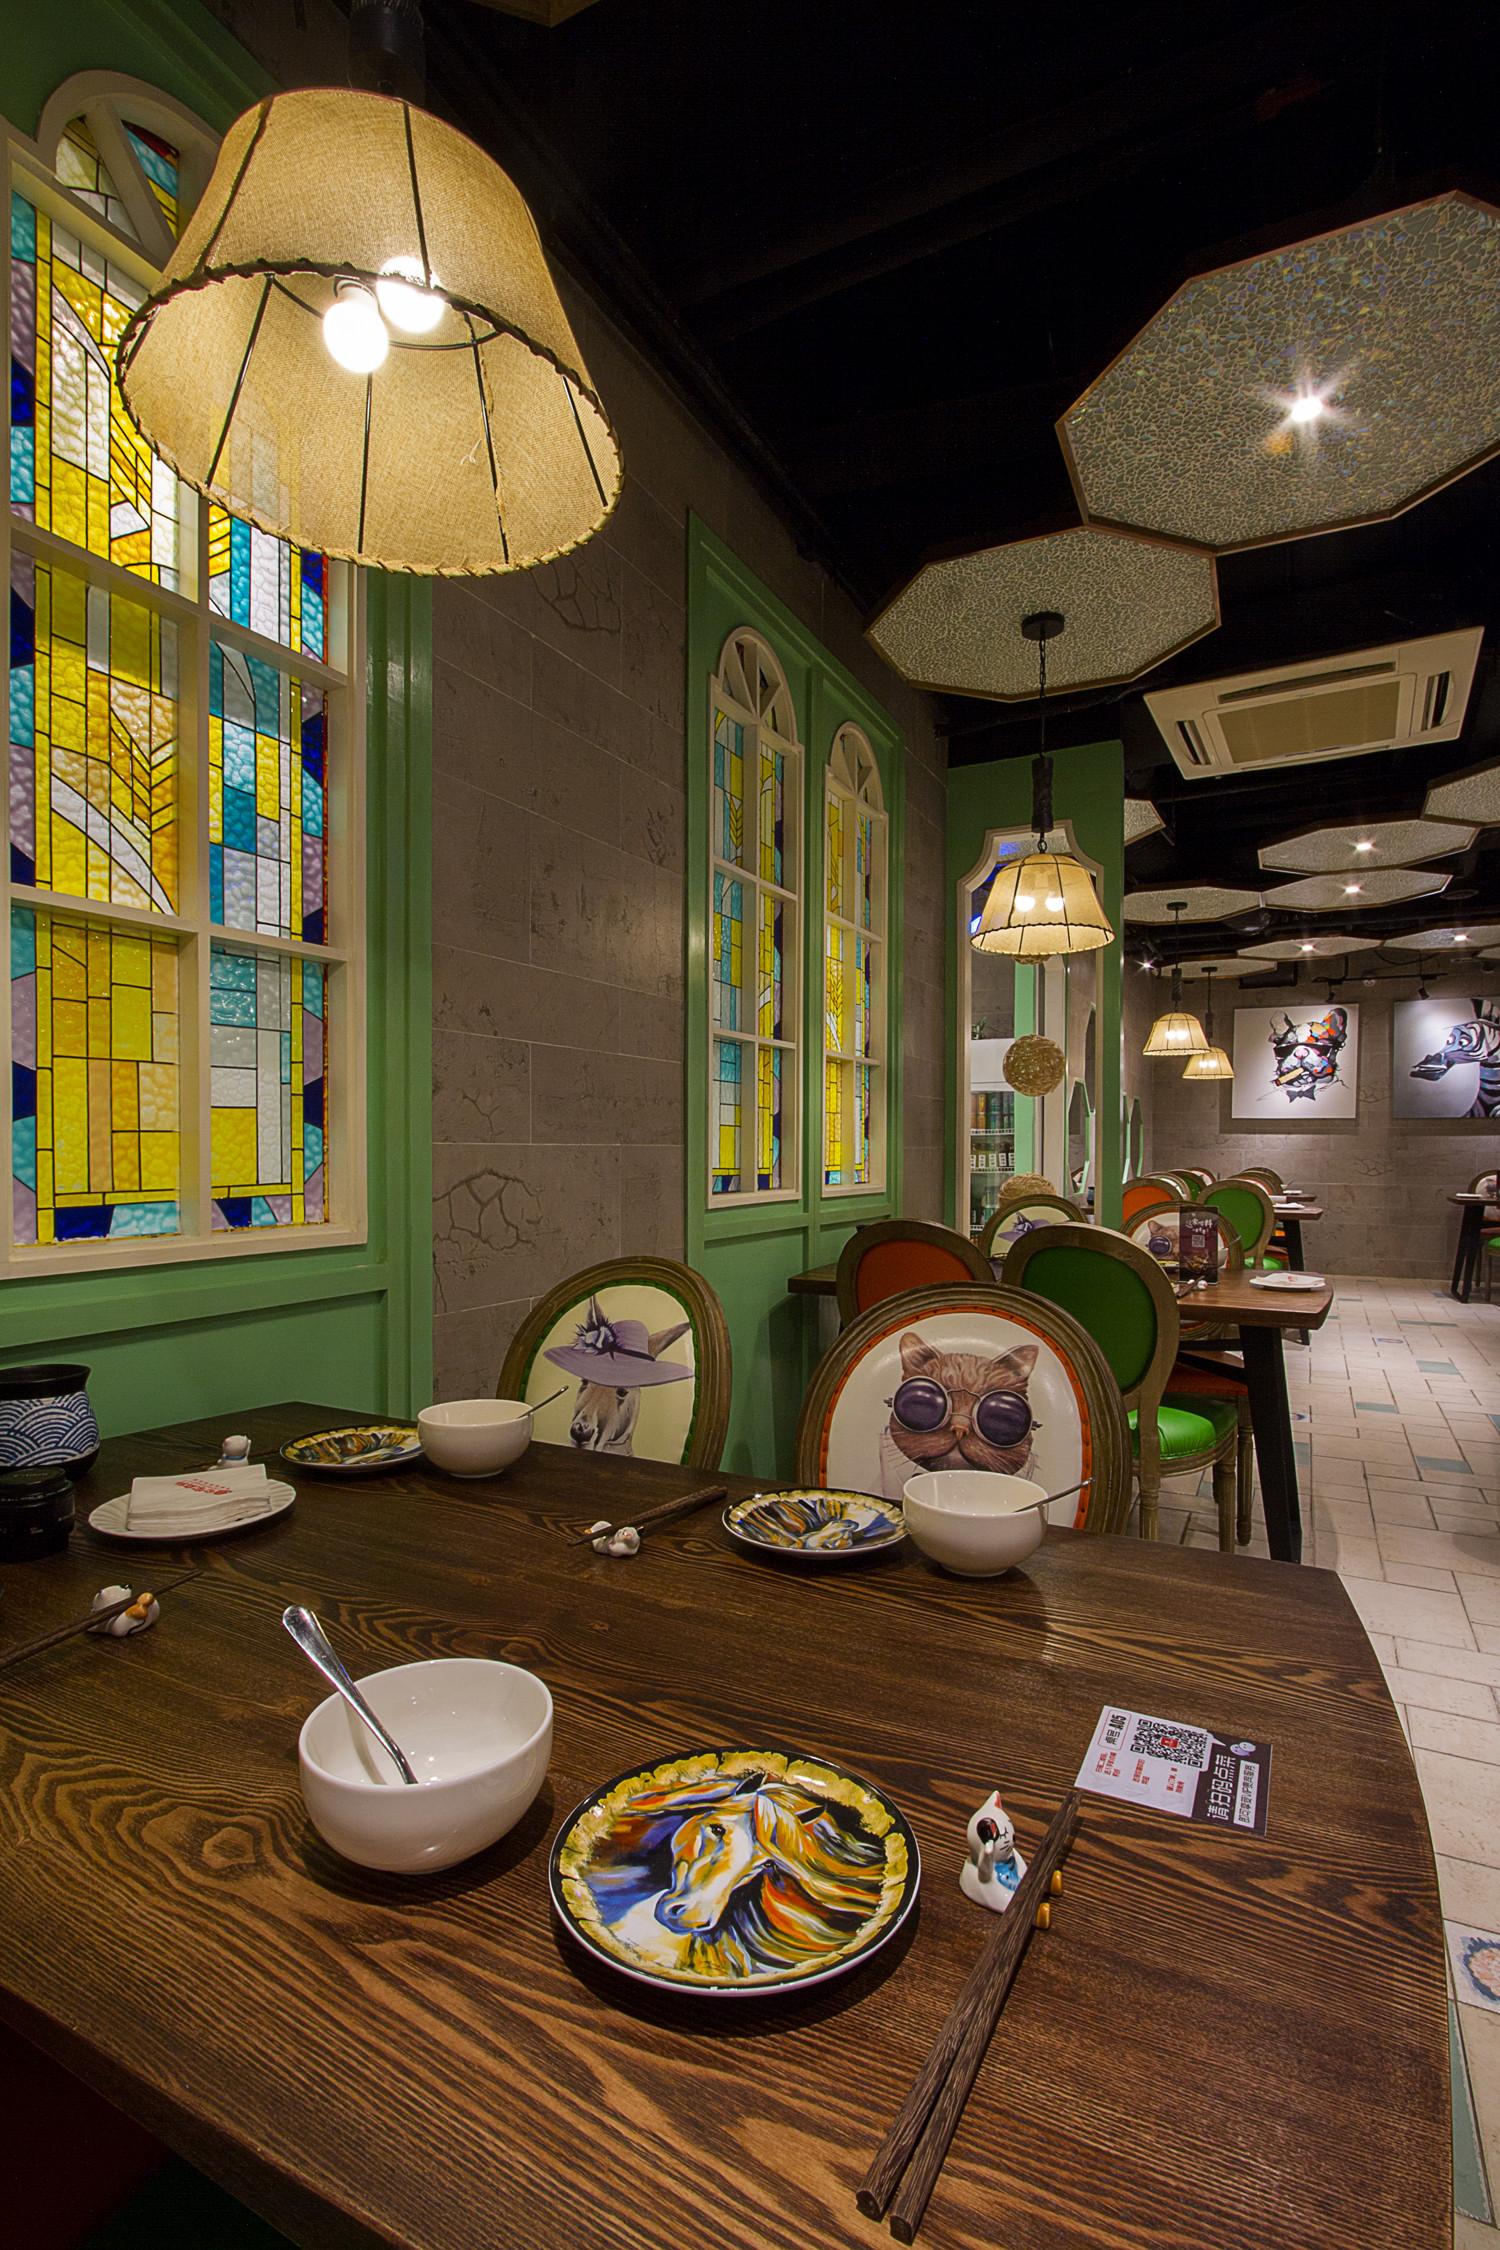 餐厅装修餐桌图片